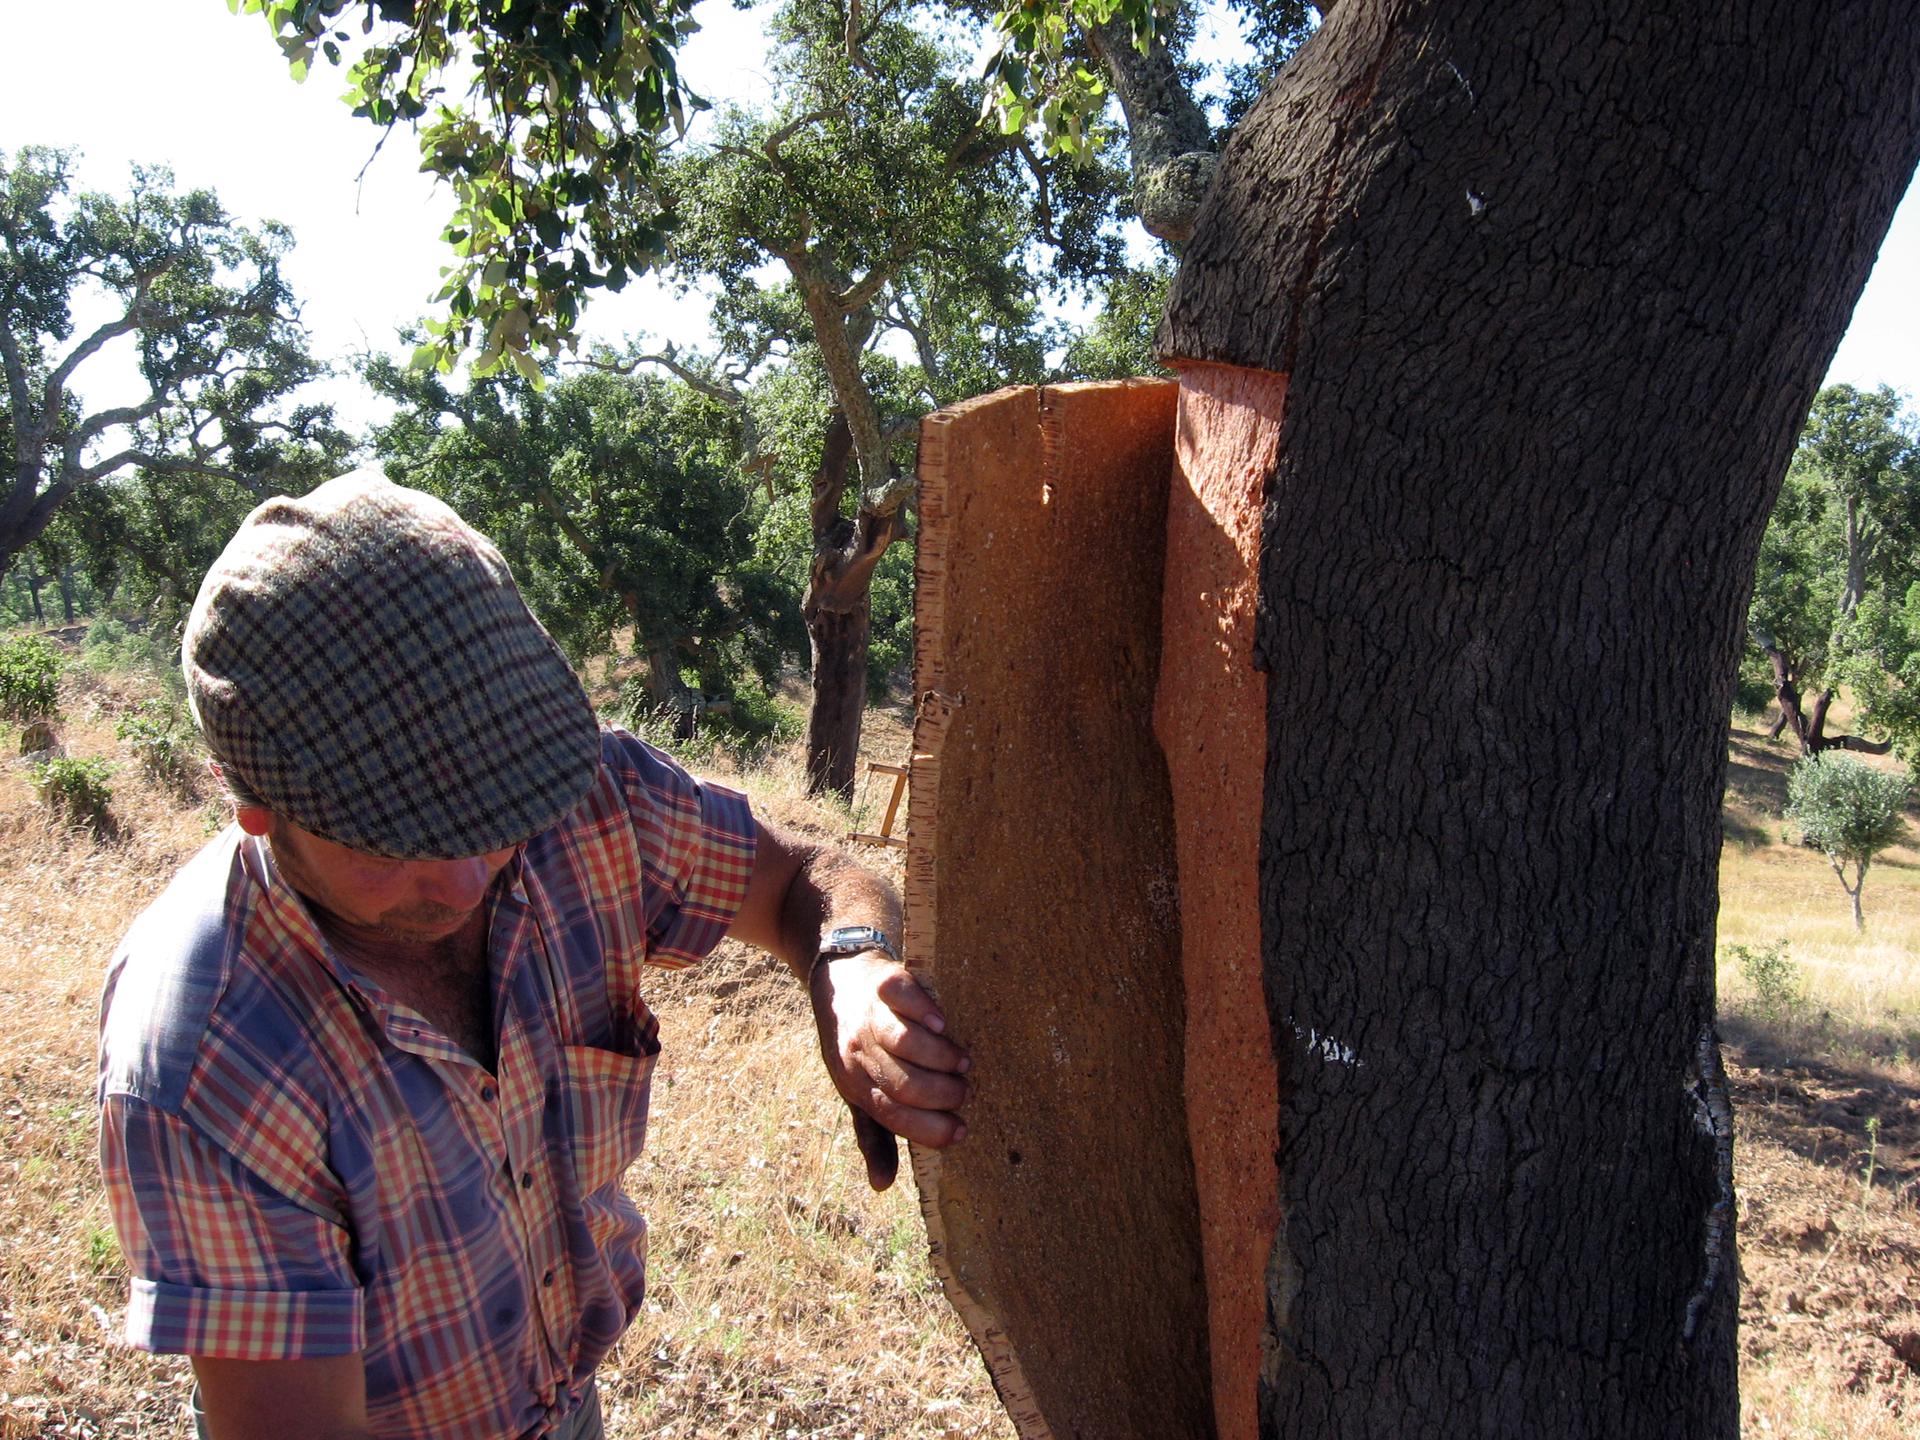 Fotografia prezentuje mężczyznę, który zdejmuje wycięty, prostokątny płat kory zpnia dębu korkowego.